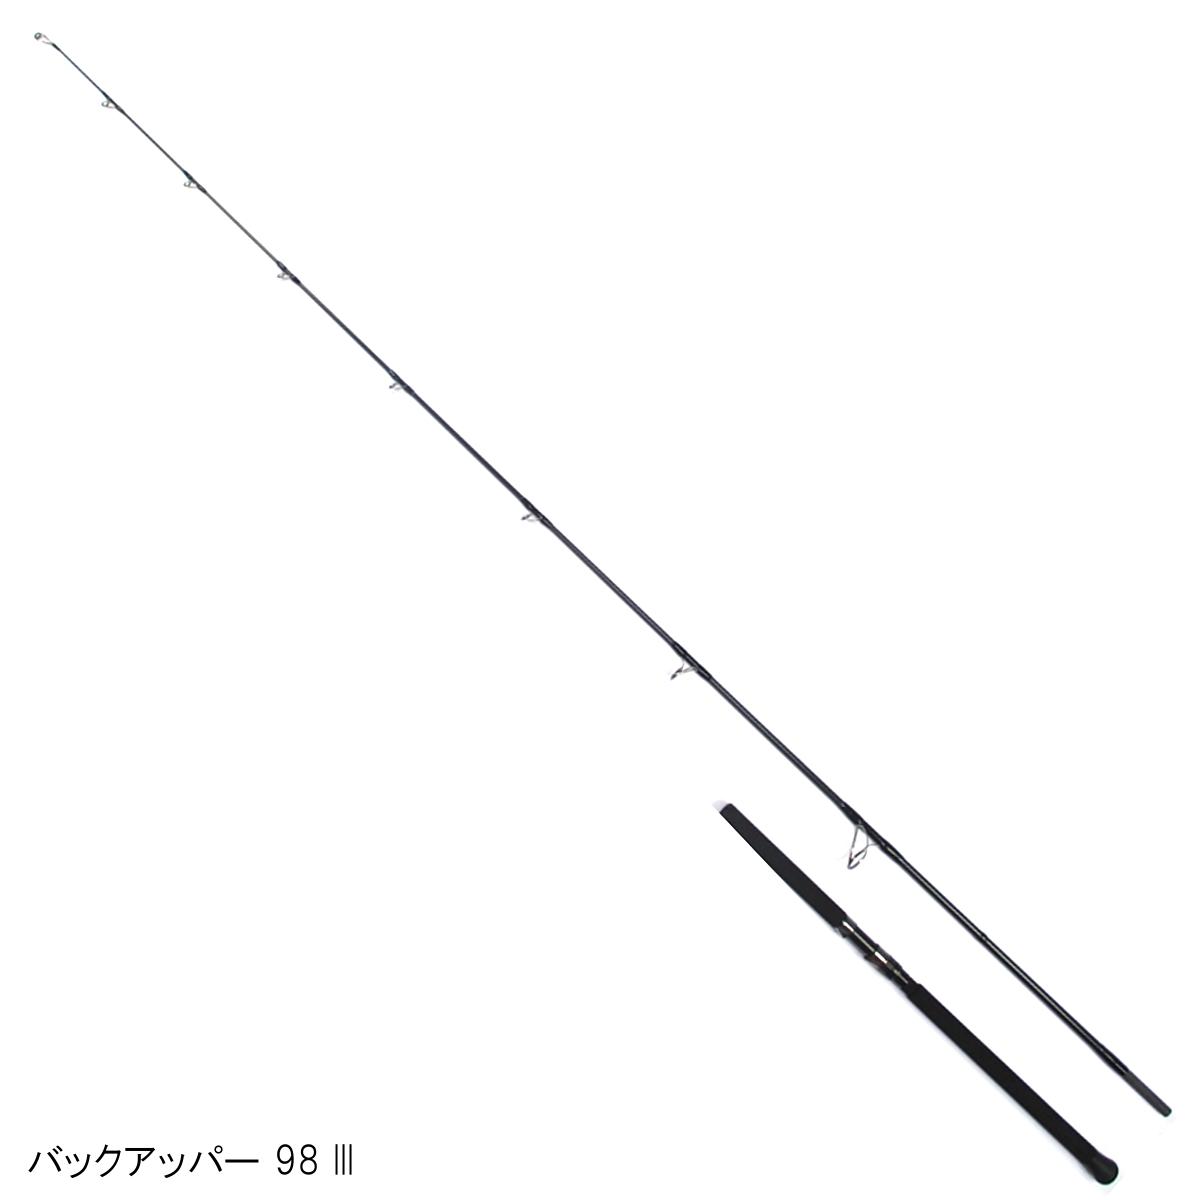 ジャンプライズ バックアッパー 98 III【大型商品】